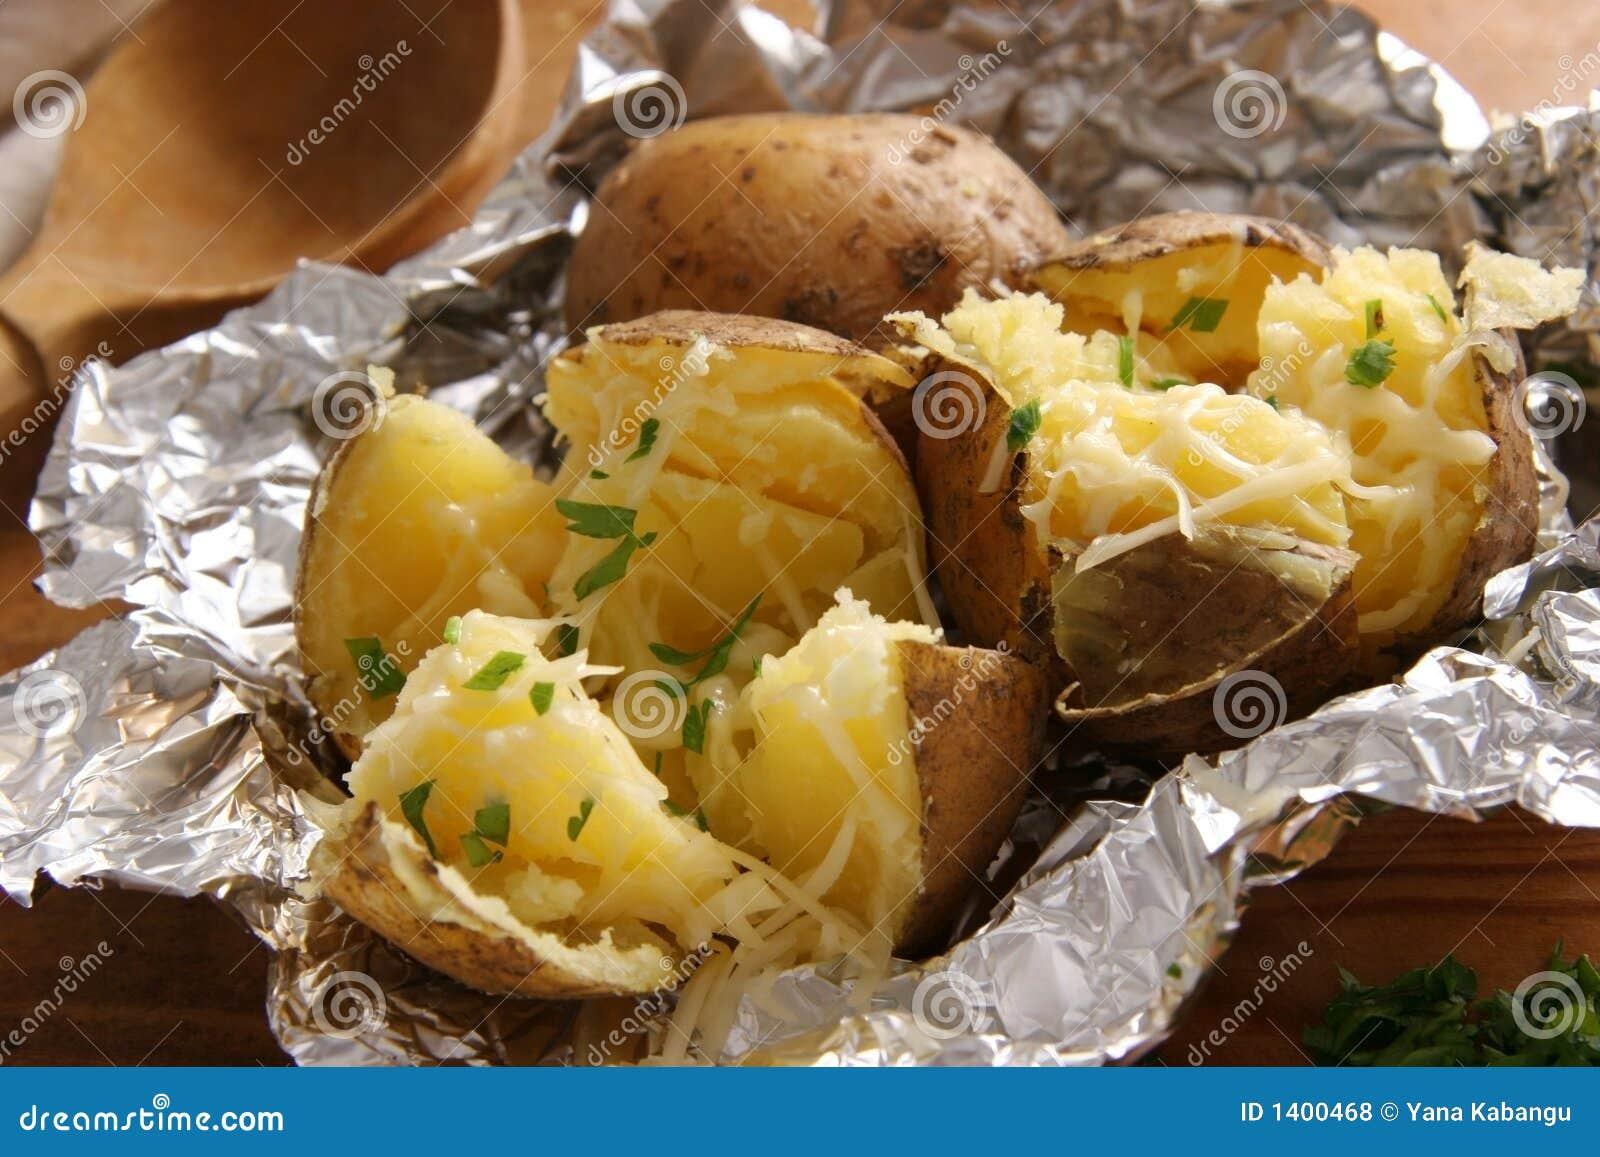 Pommes de terre cuites au four.